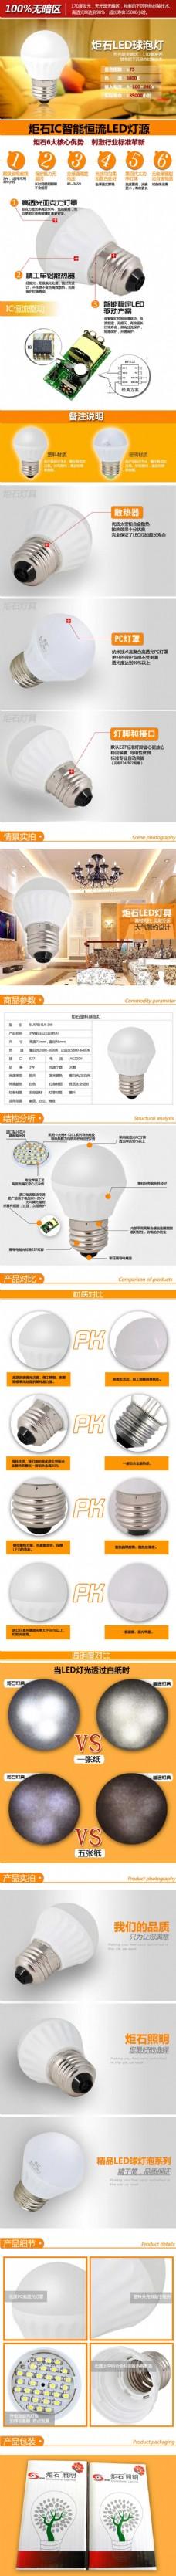 炬石IC智能恒流LED灯源-灯具描述